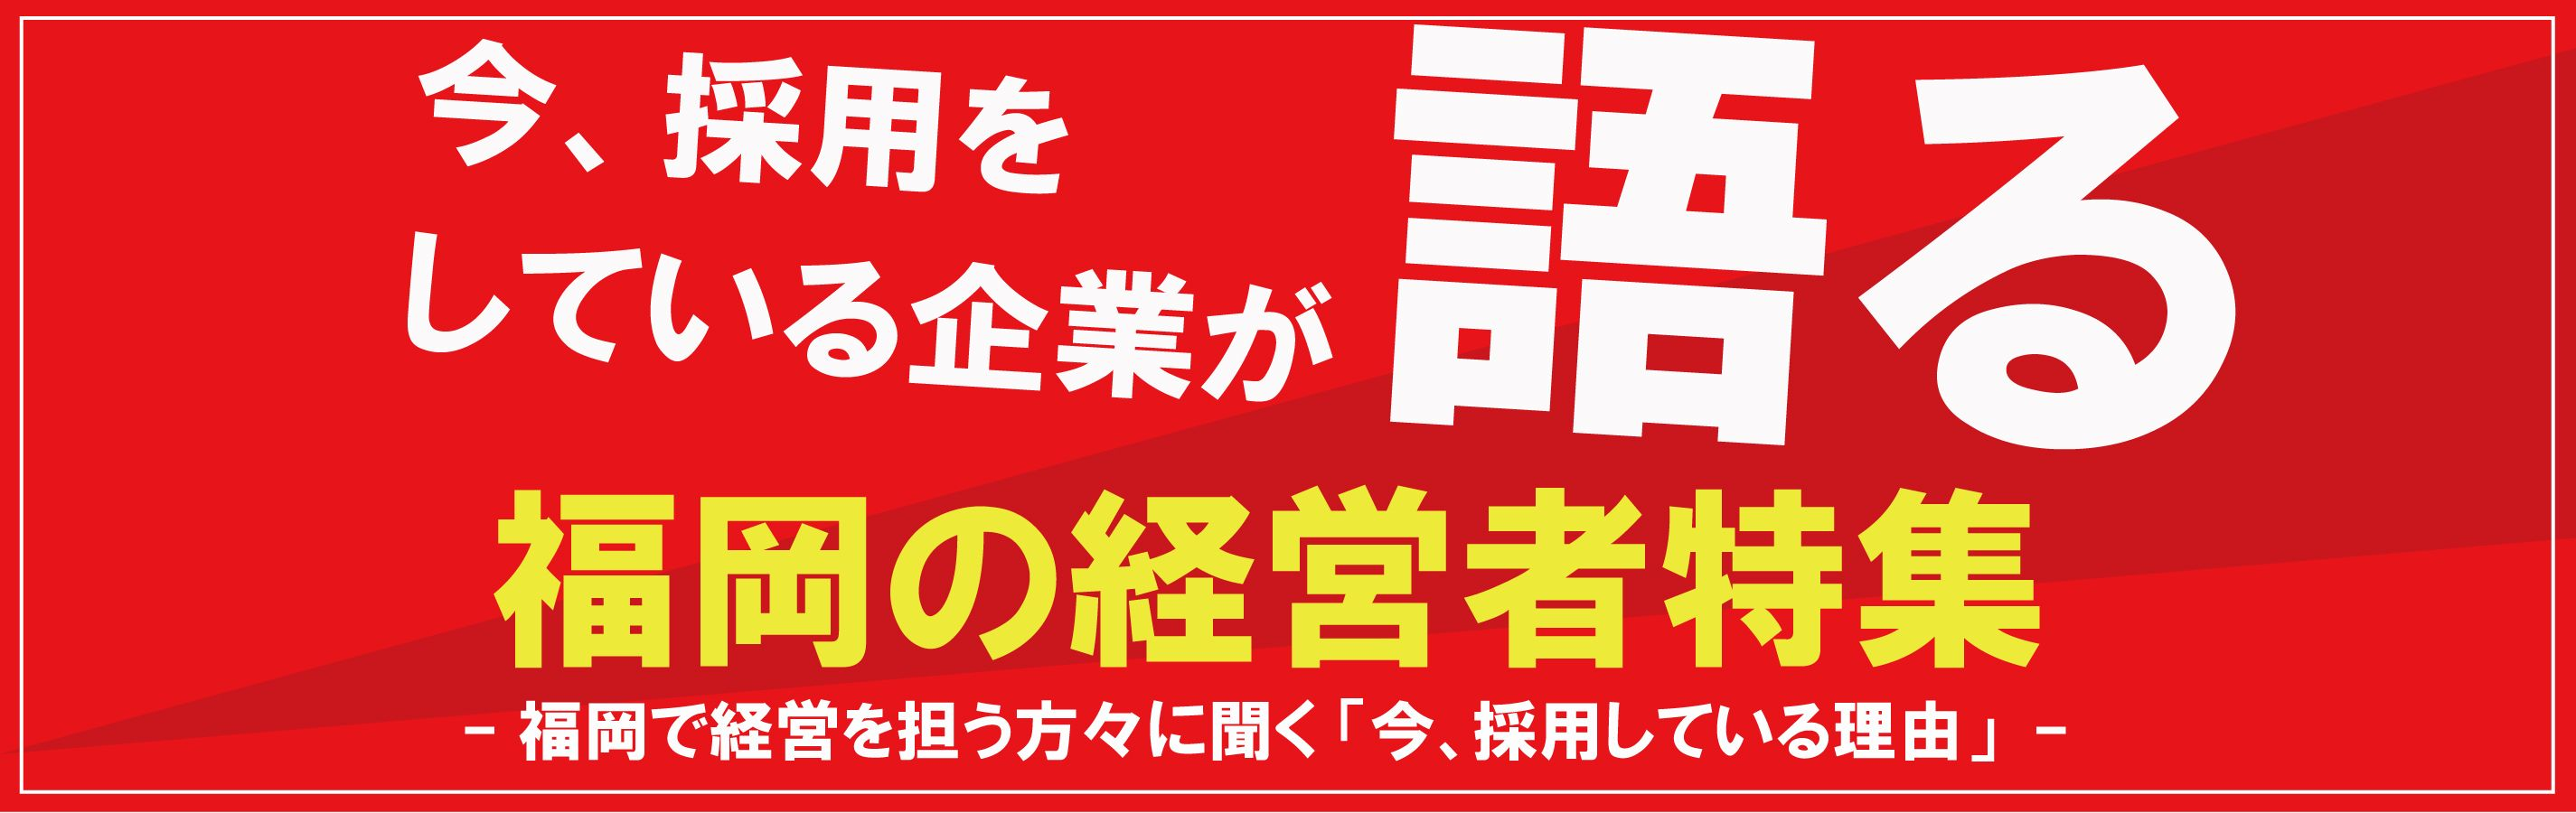 福岡の経営者特集